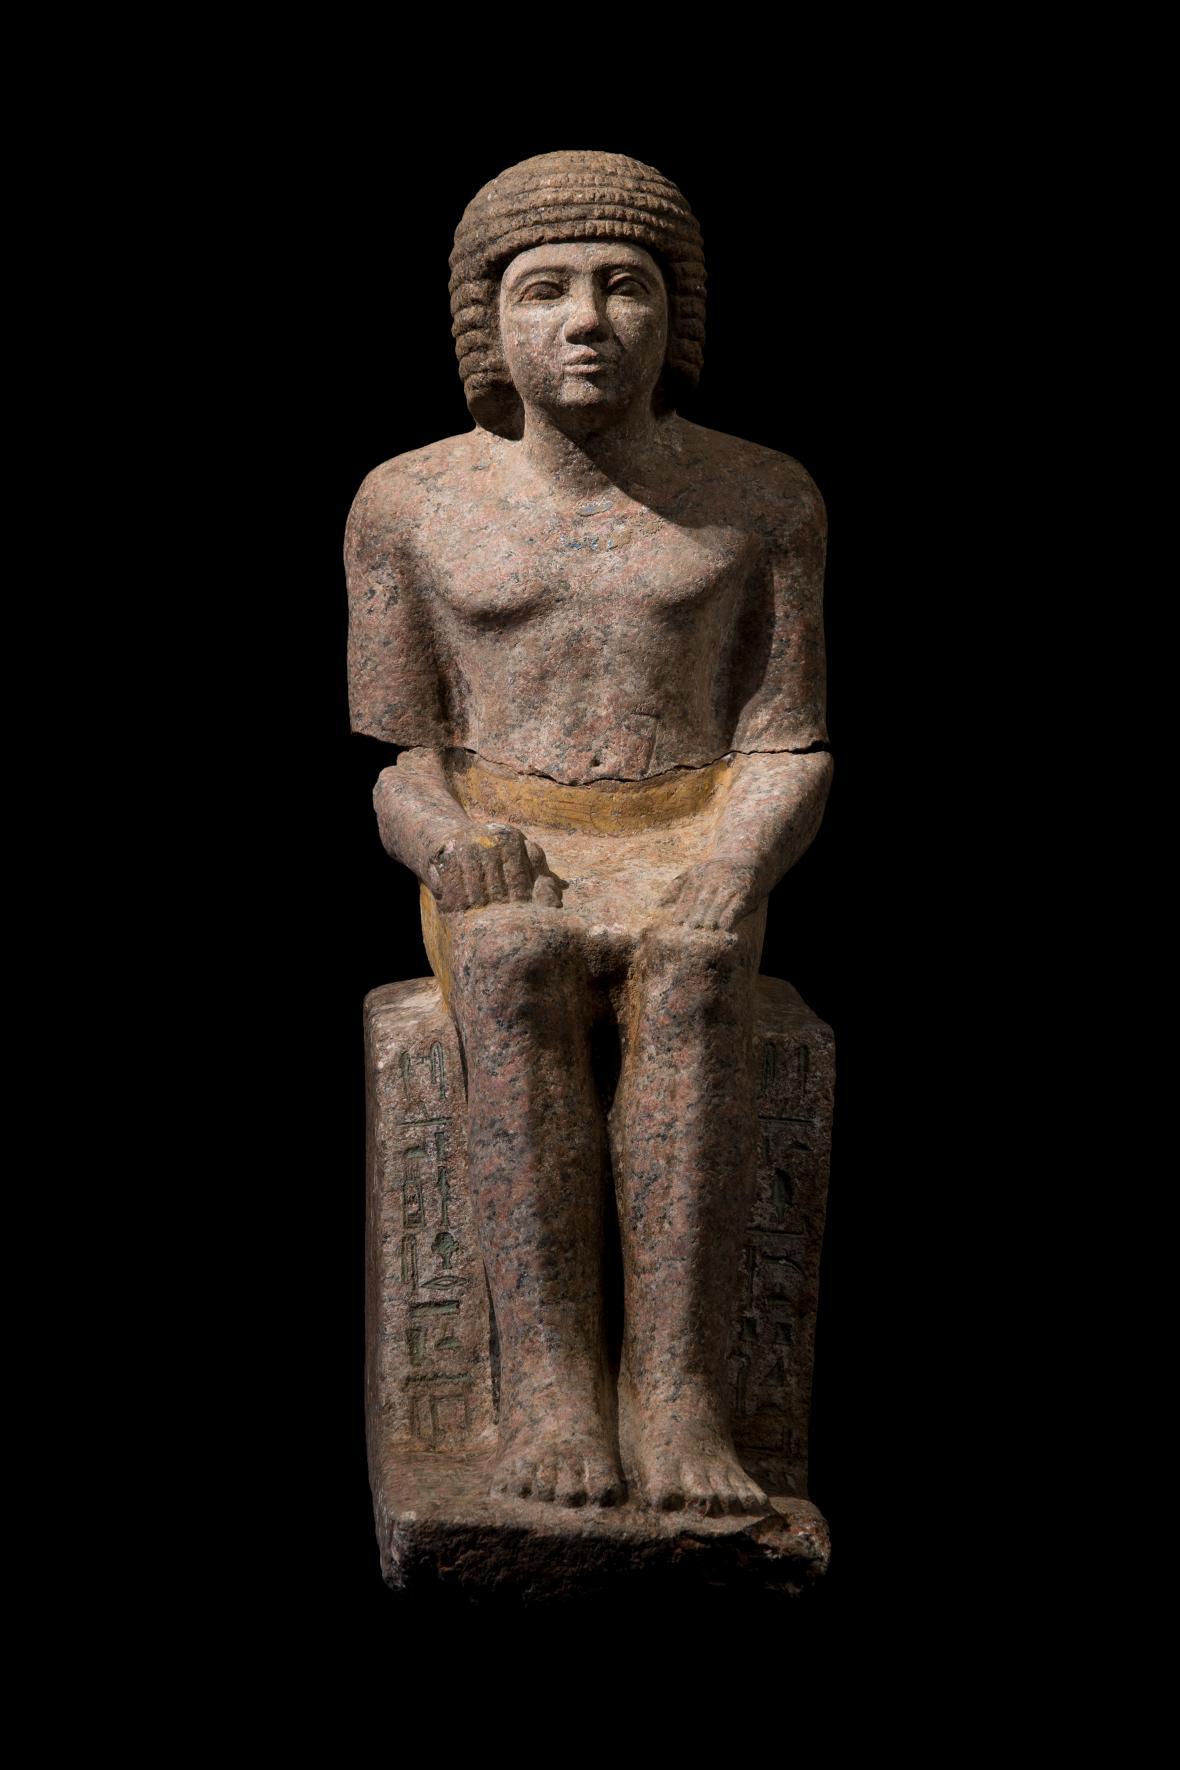 Jméno a podoba Kairese, zřejmě jednoho z nejstarších egyptských mudrců, byla díky loňskému výzkumu na pyramidovém poli opět přivedena k životu